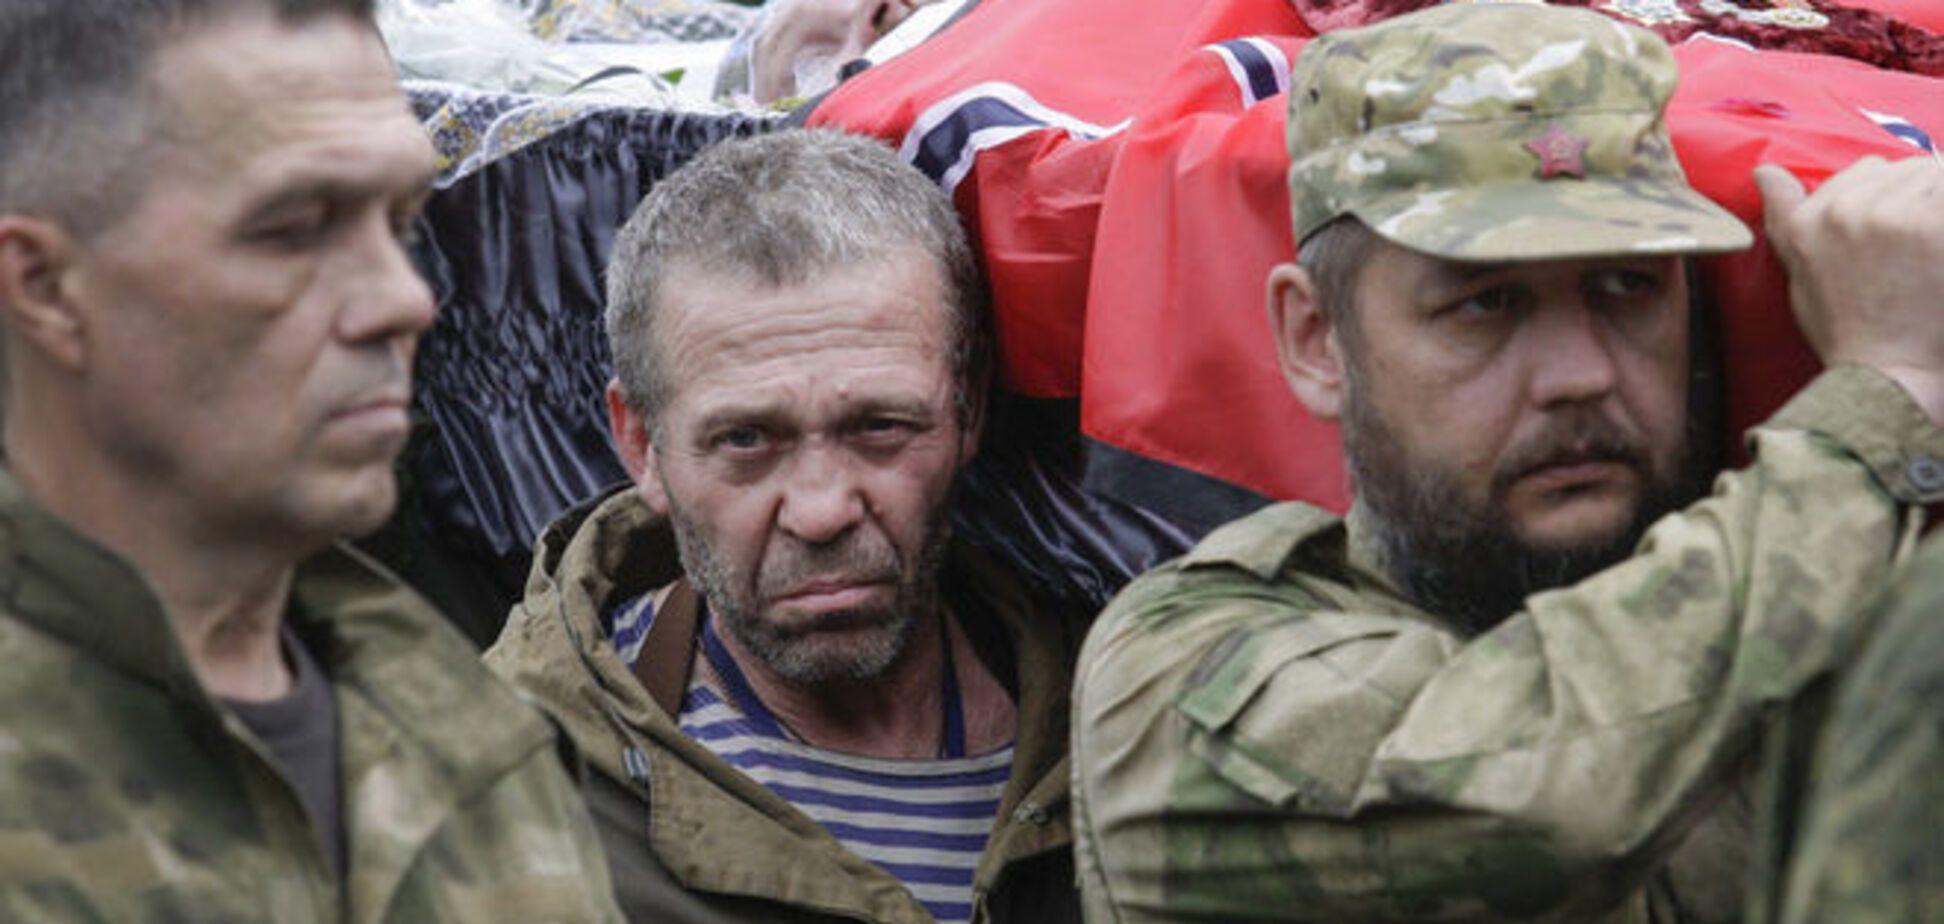 Сокурсник Путина: оккупированный Донбасс – это троянский конь или Секгор Газа